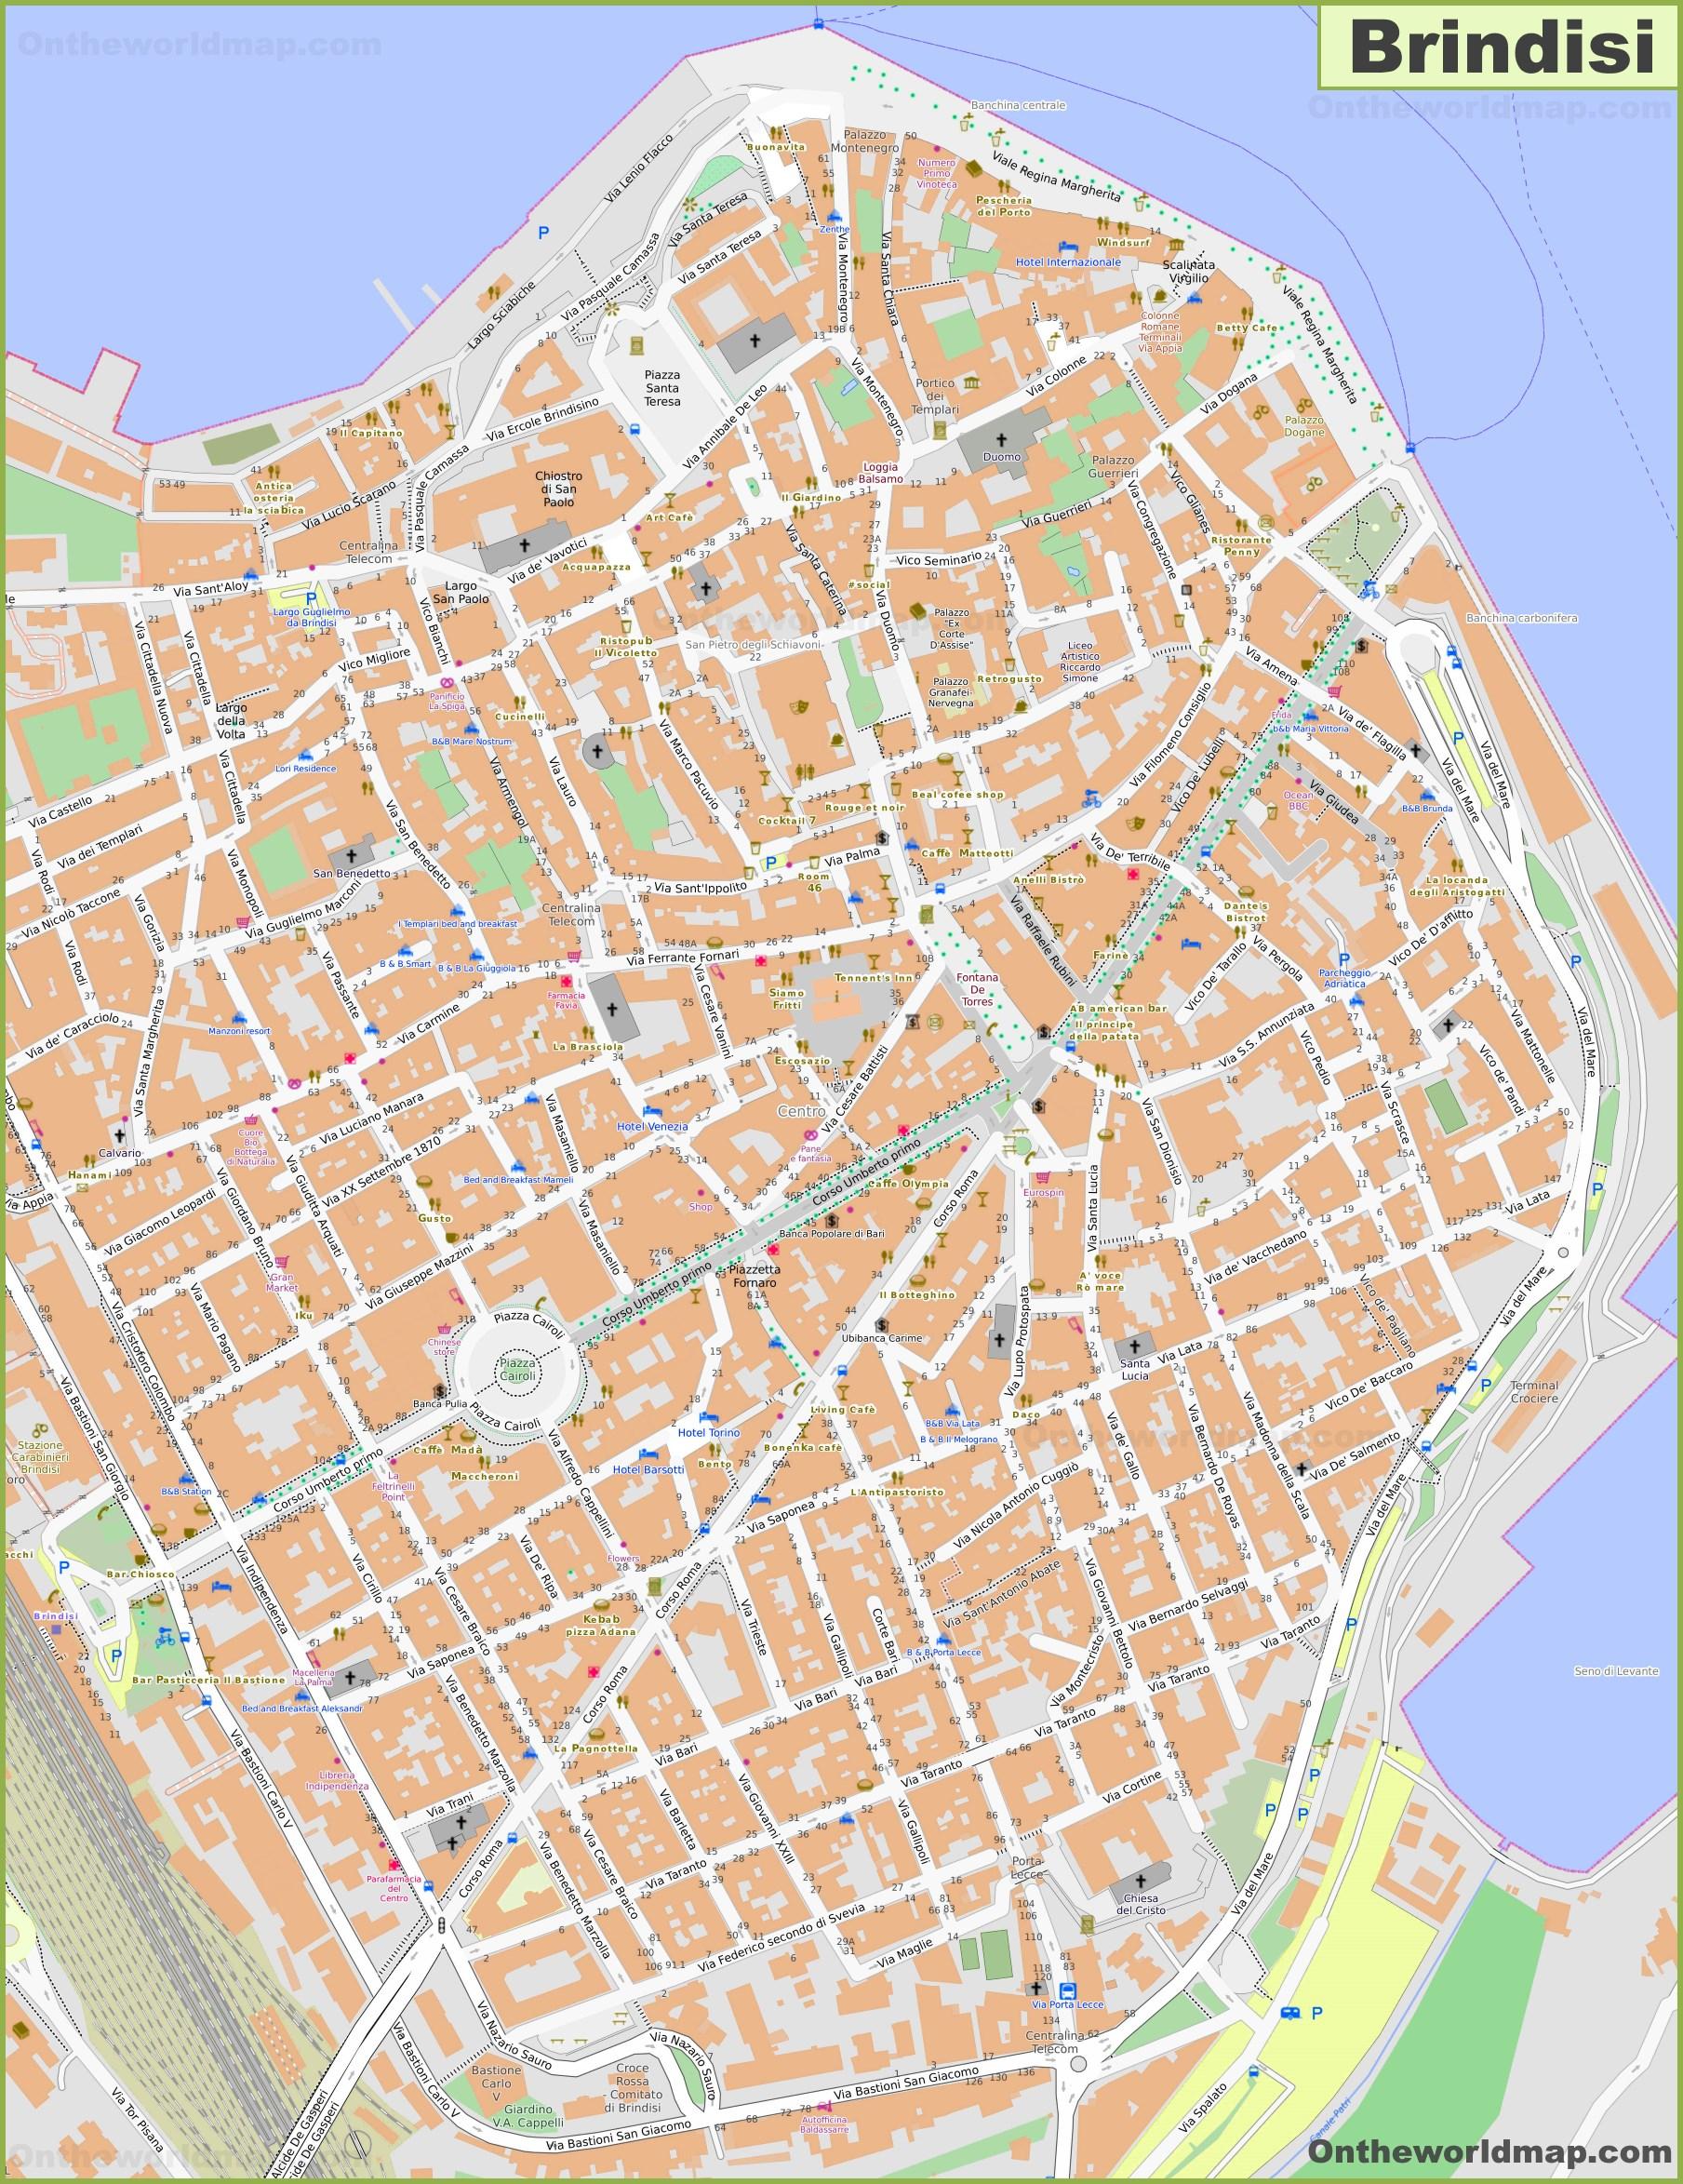 Cartina Italia Brindisi.Brindisi Mappa Italia Mappe Di Brindisi